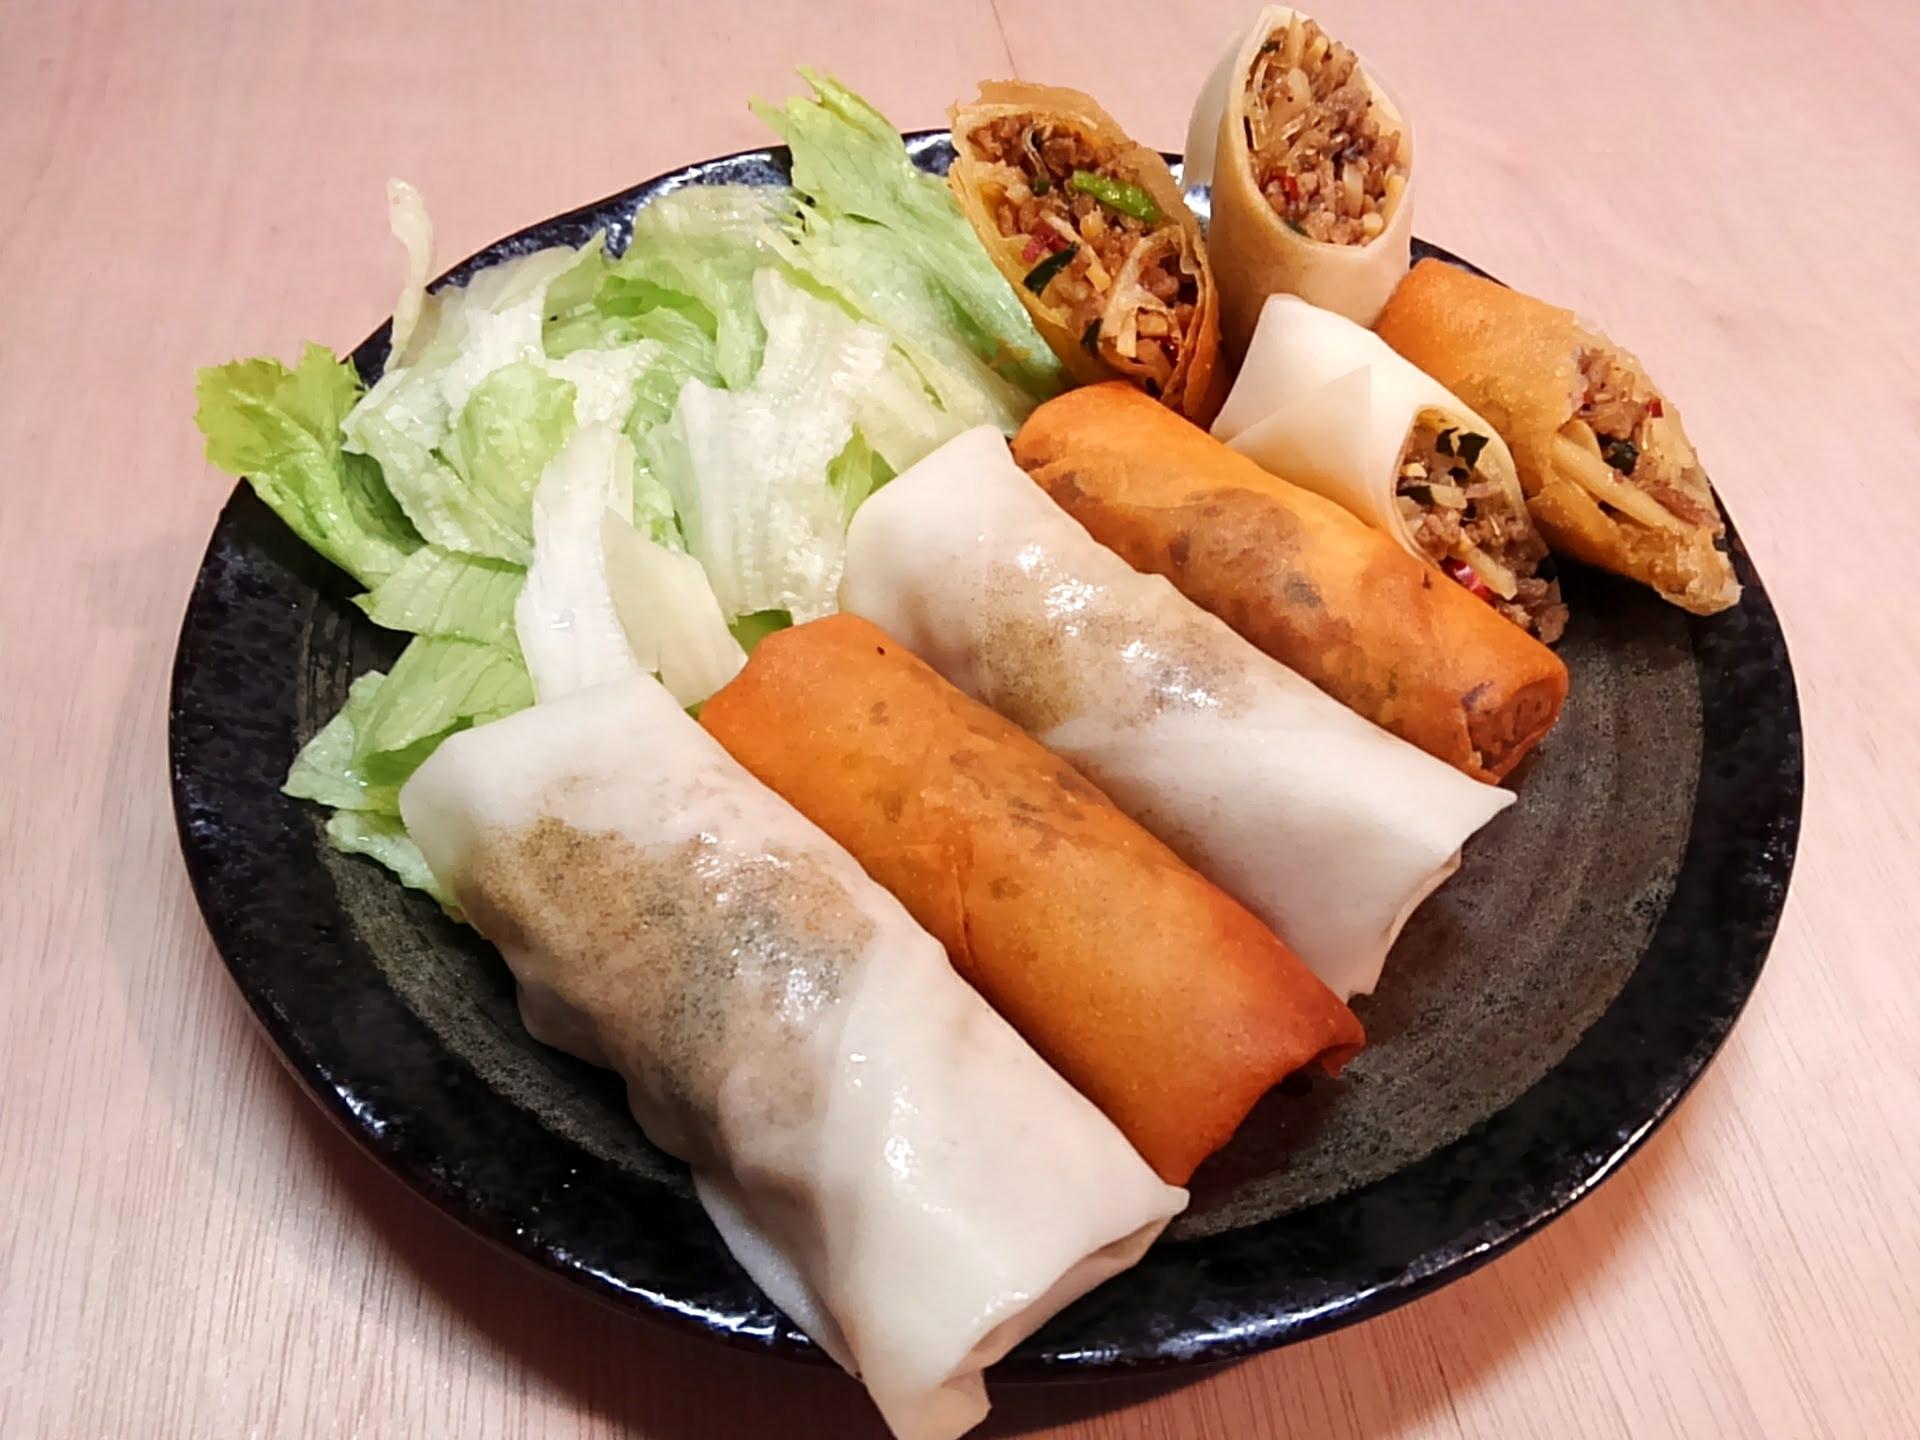 レシピ|目指せネオ名古屋めし!「台湾揚げ春巻き&台湾式台湾春巻き」